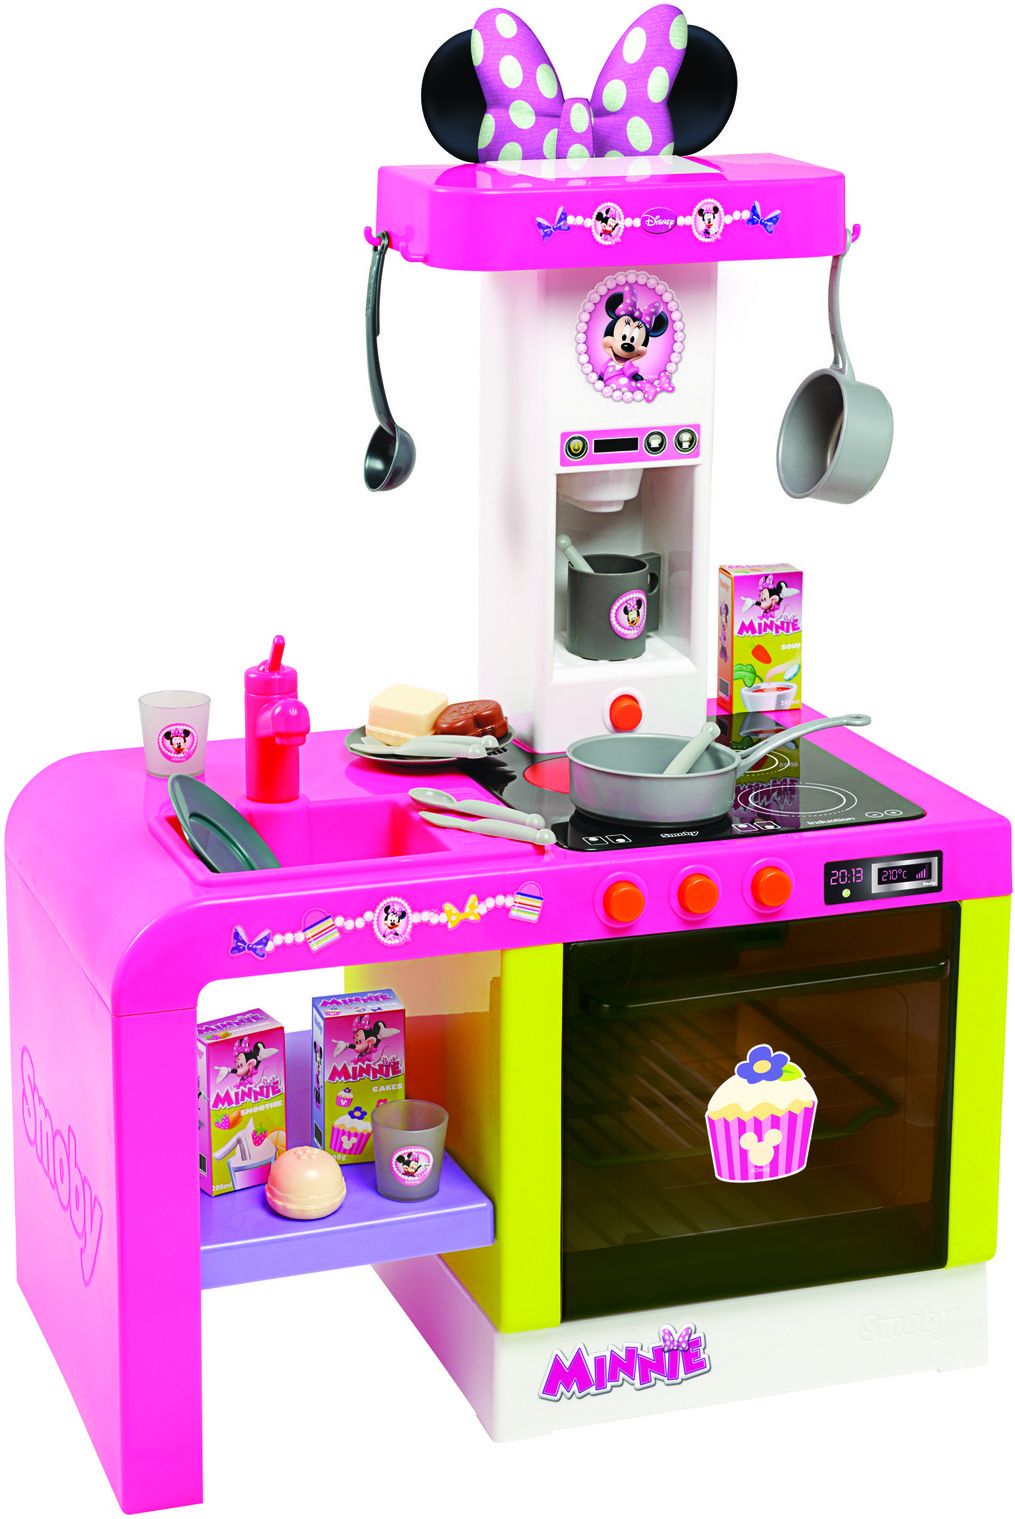 Smoby Minnie Cheftronic Kitchen  Minnie Cheftronic   -> Kuchnie Zabawkowe Tefal